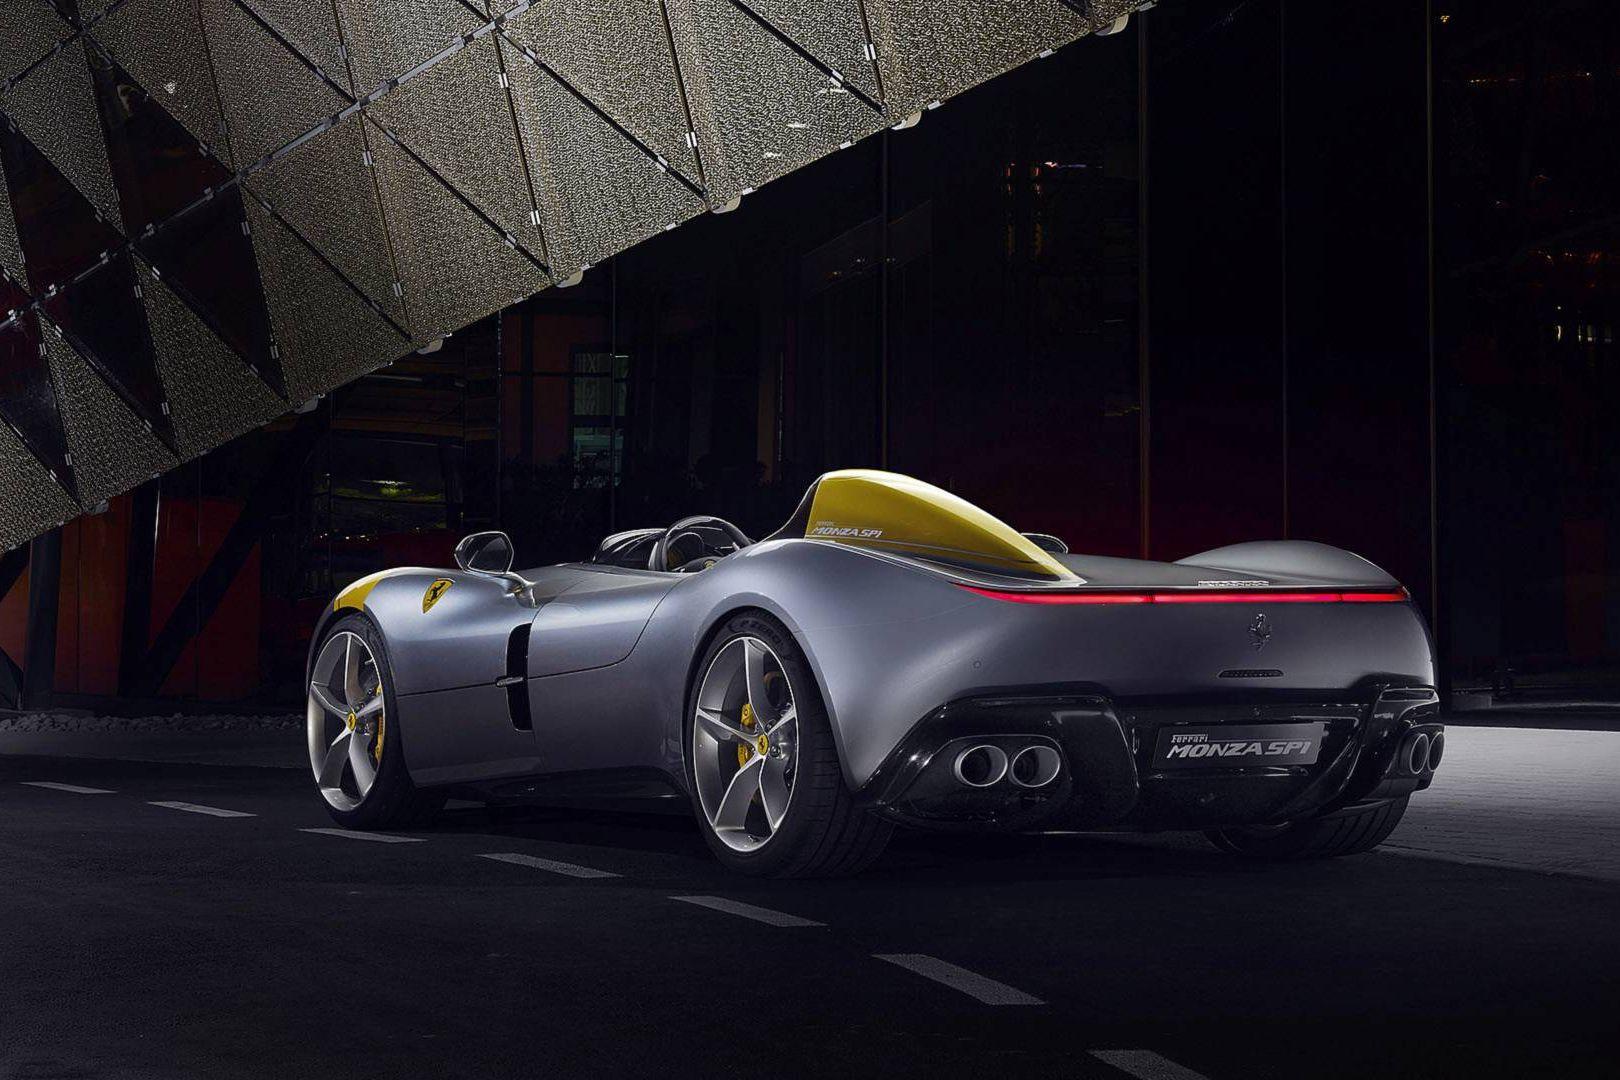 Oficial: Ferrari divulga imagens do Monza SP1 e SP2